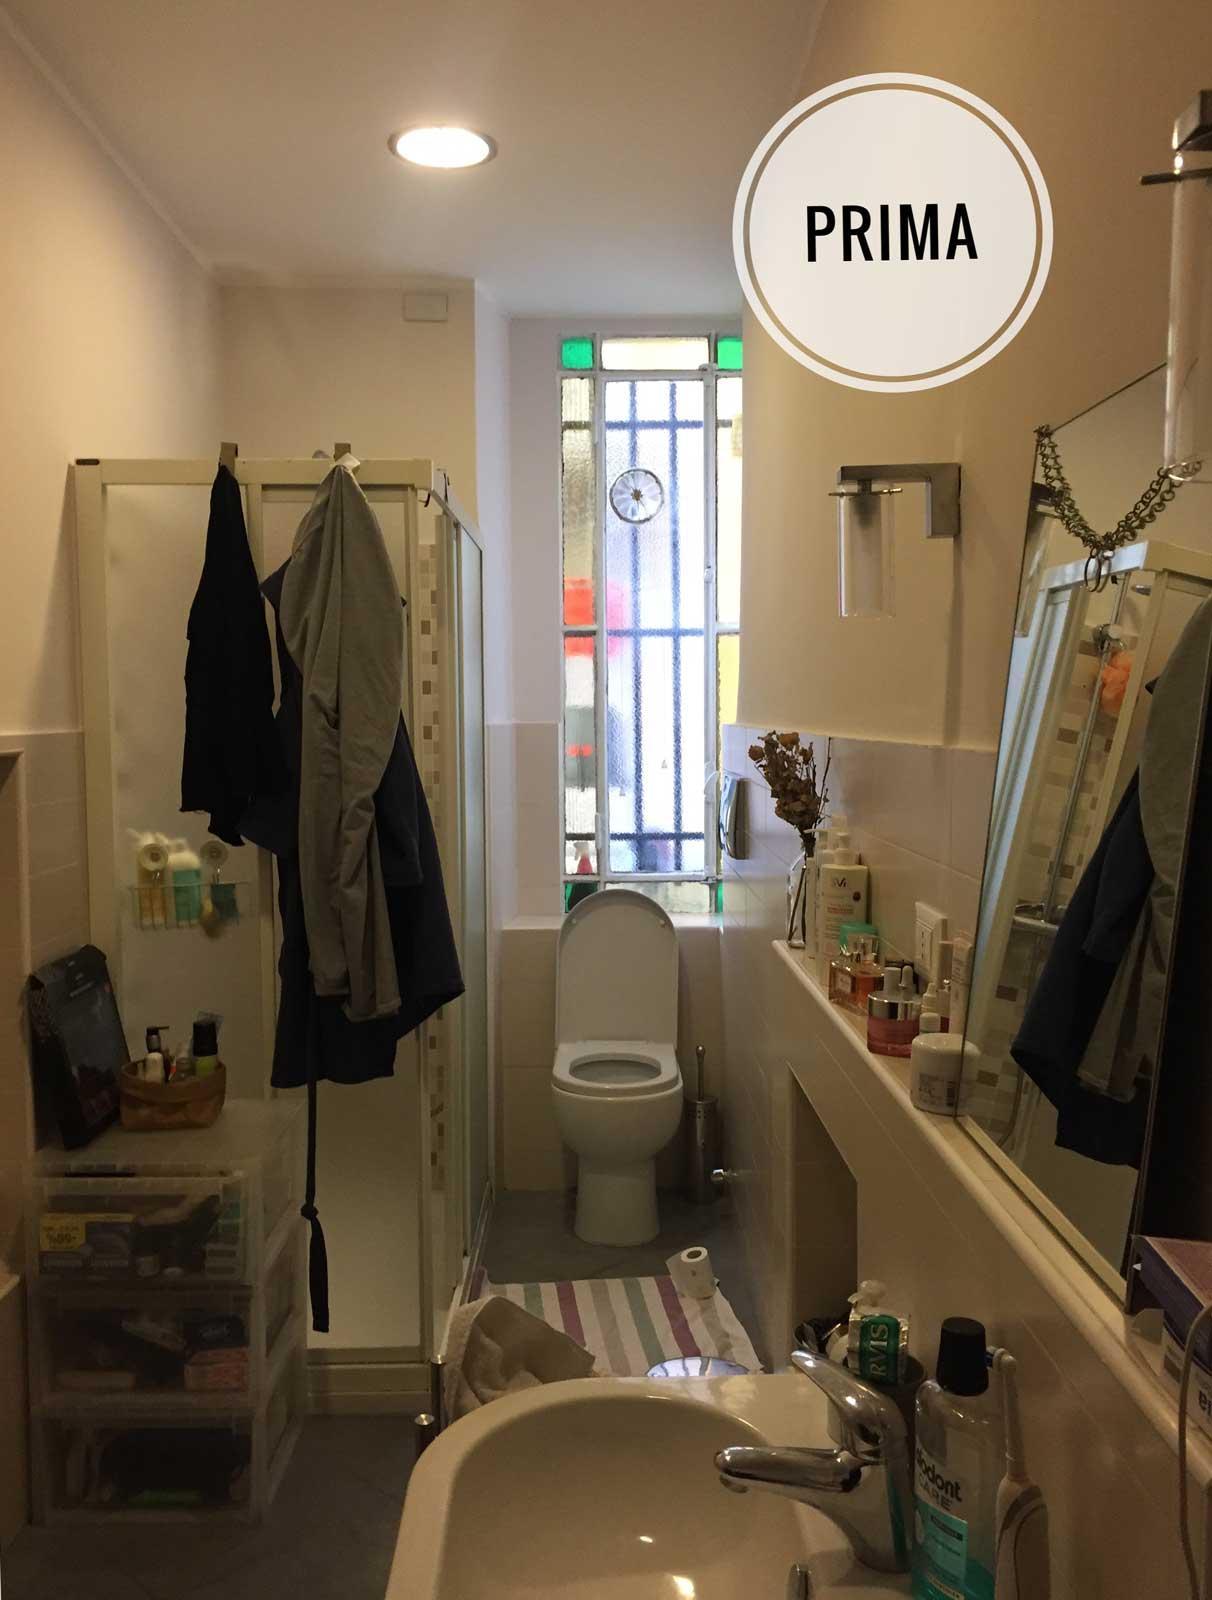 Sostituire lavabo, vasca o doccia. Rinnovare Il Bagno Senza Togliere Le Piastrelle Cose Di Casa